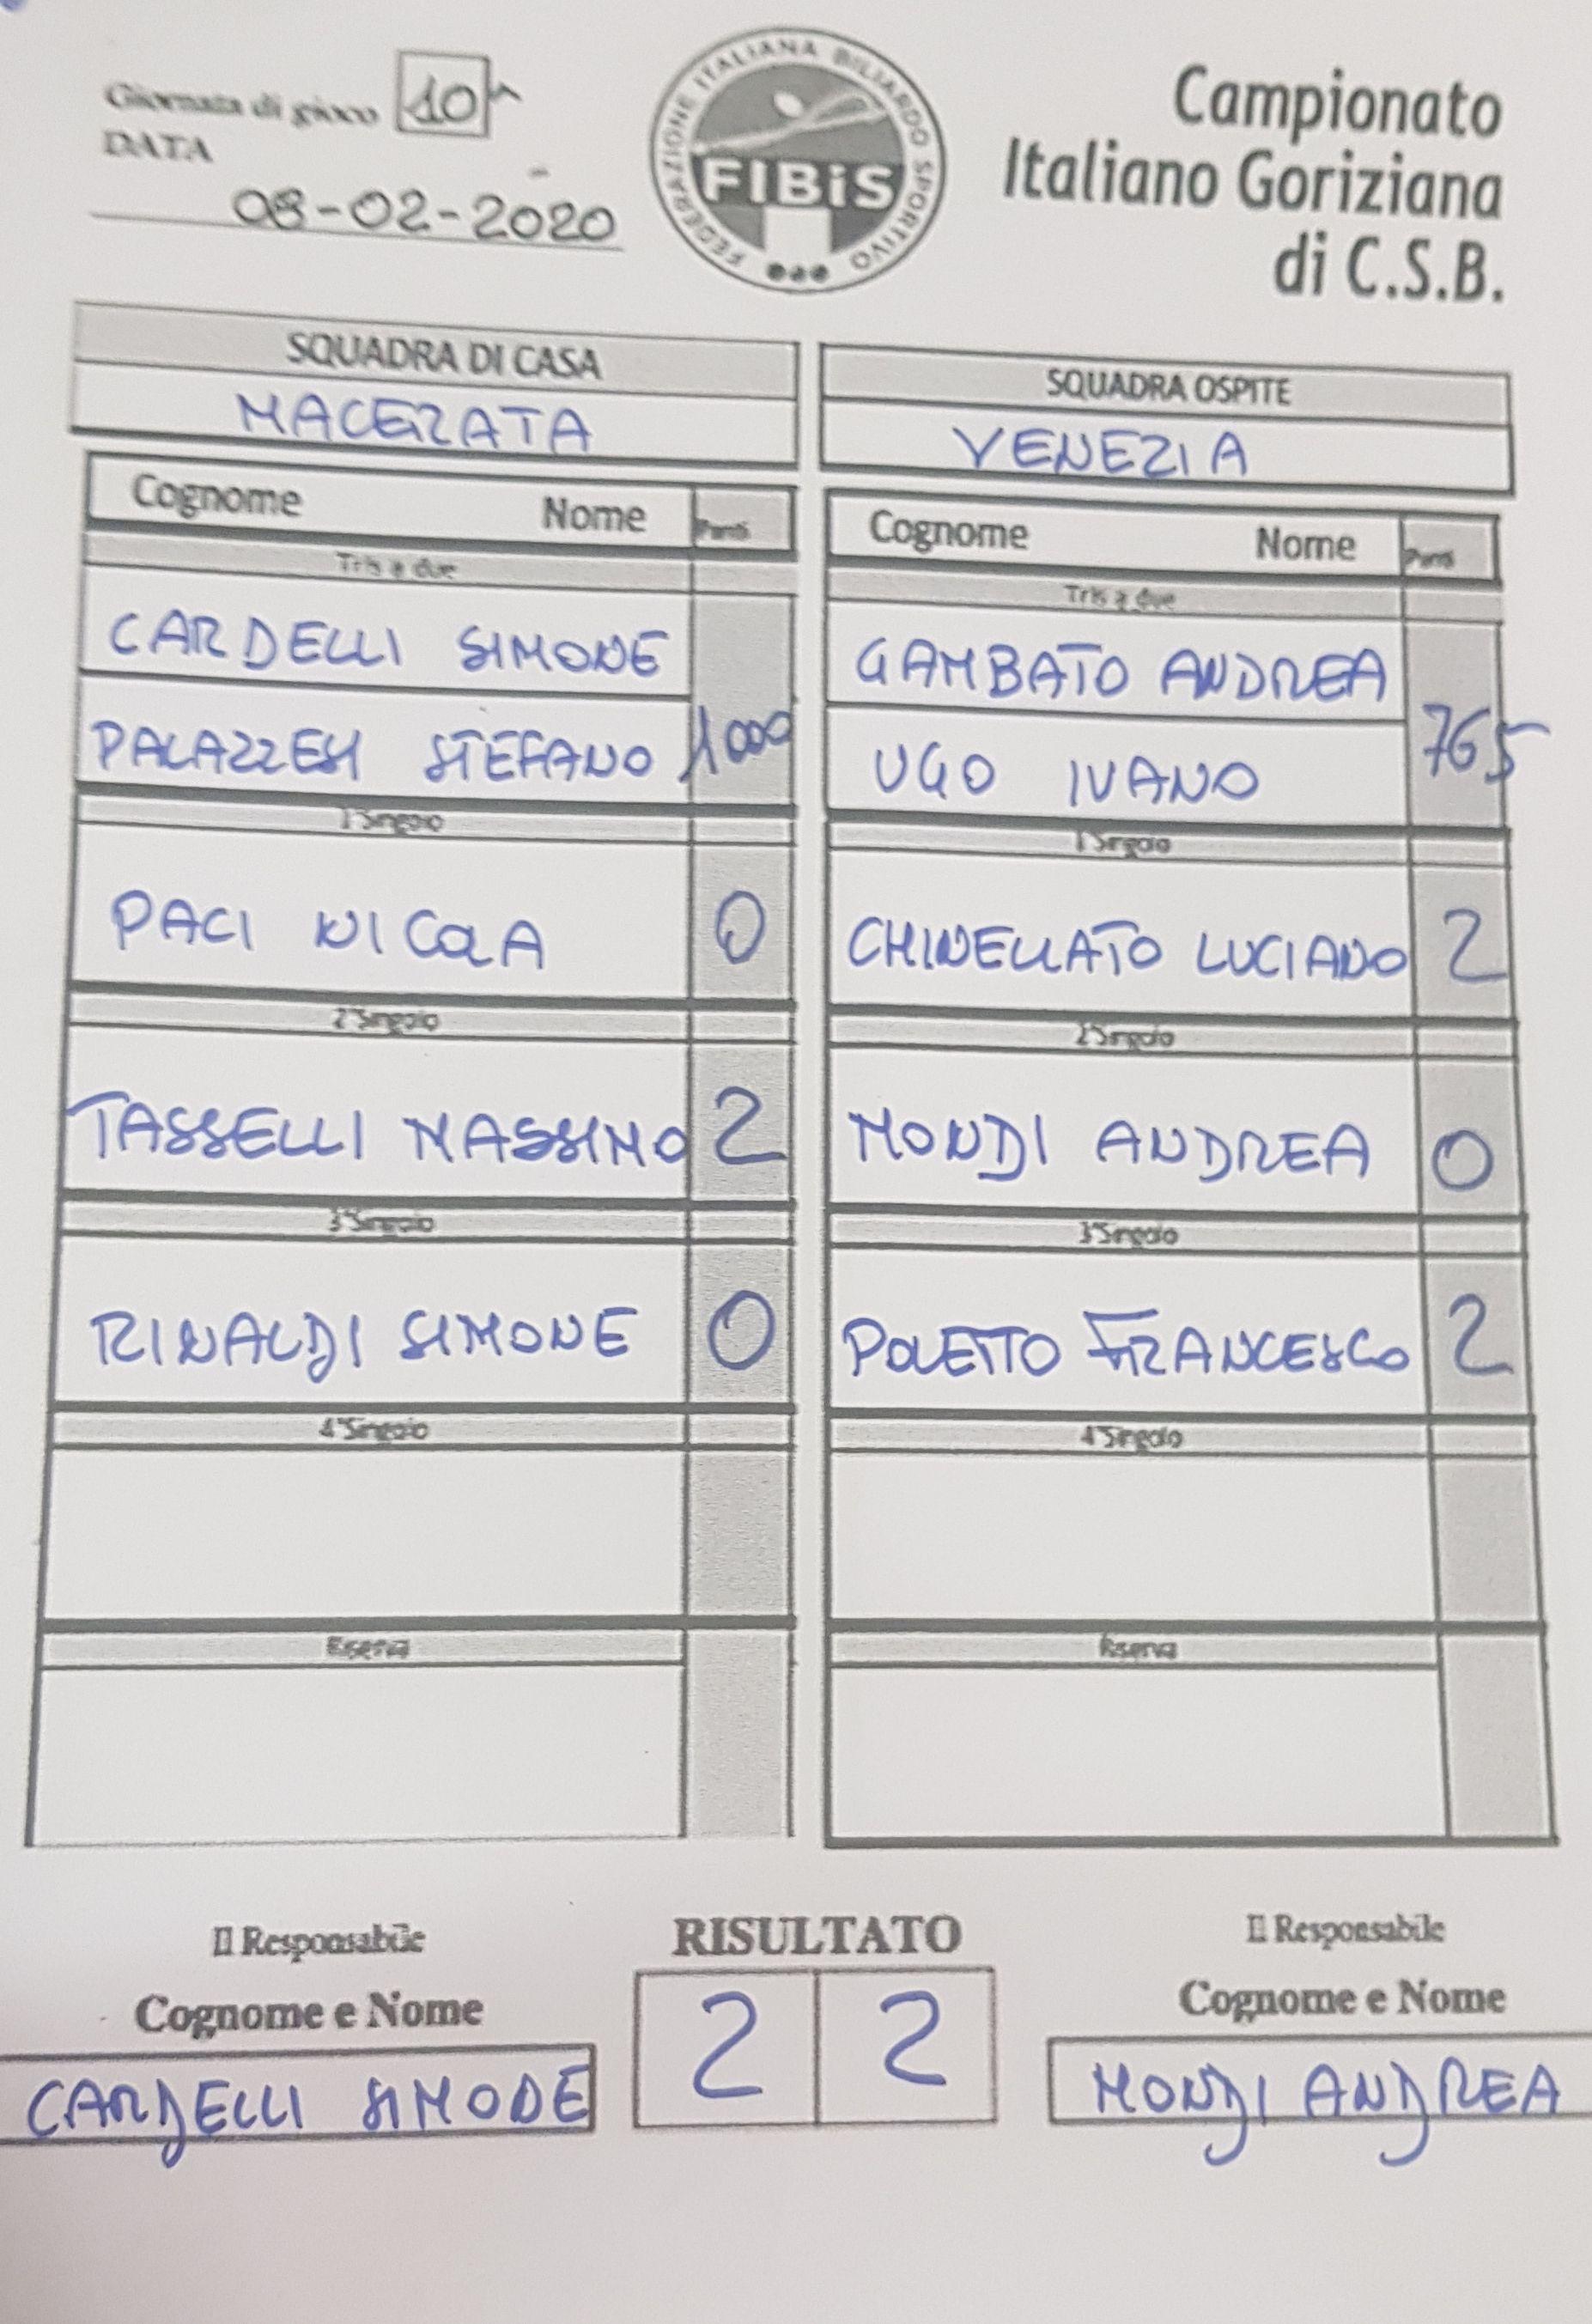 Macerata vs Venezia